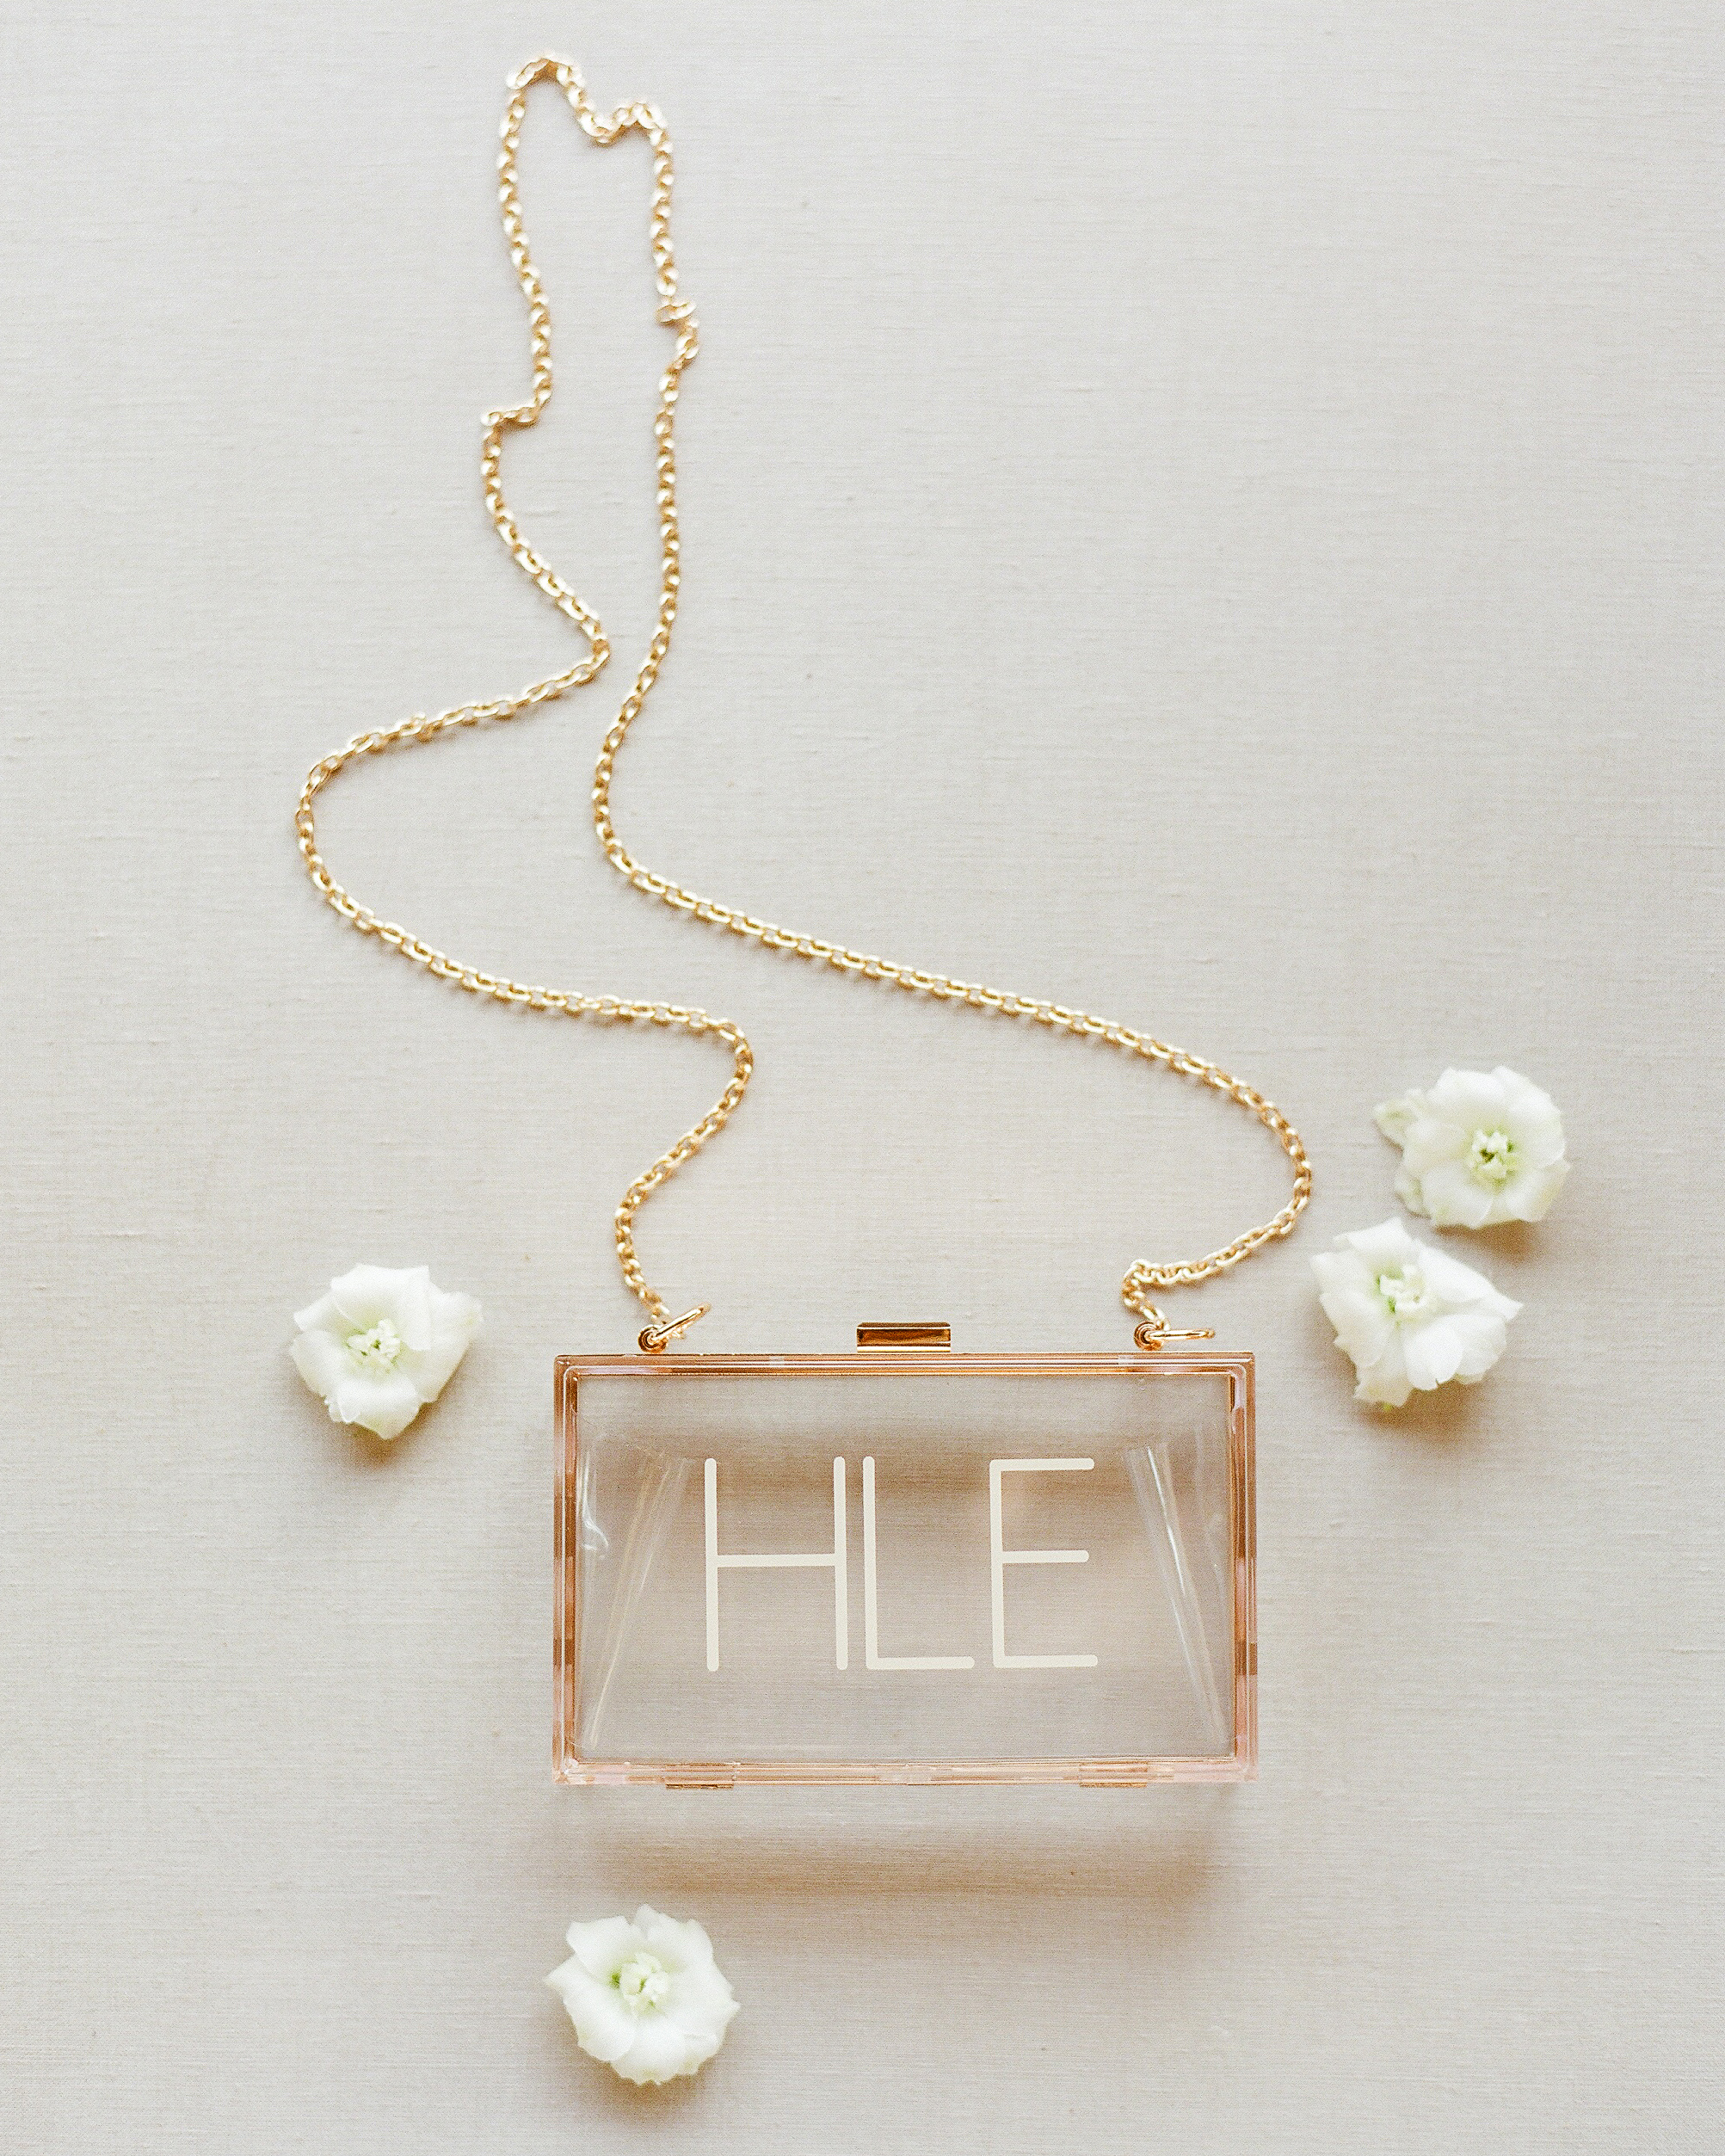 lisa greg italy wedding clutch gold purse